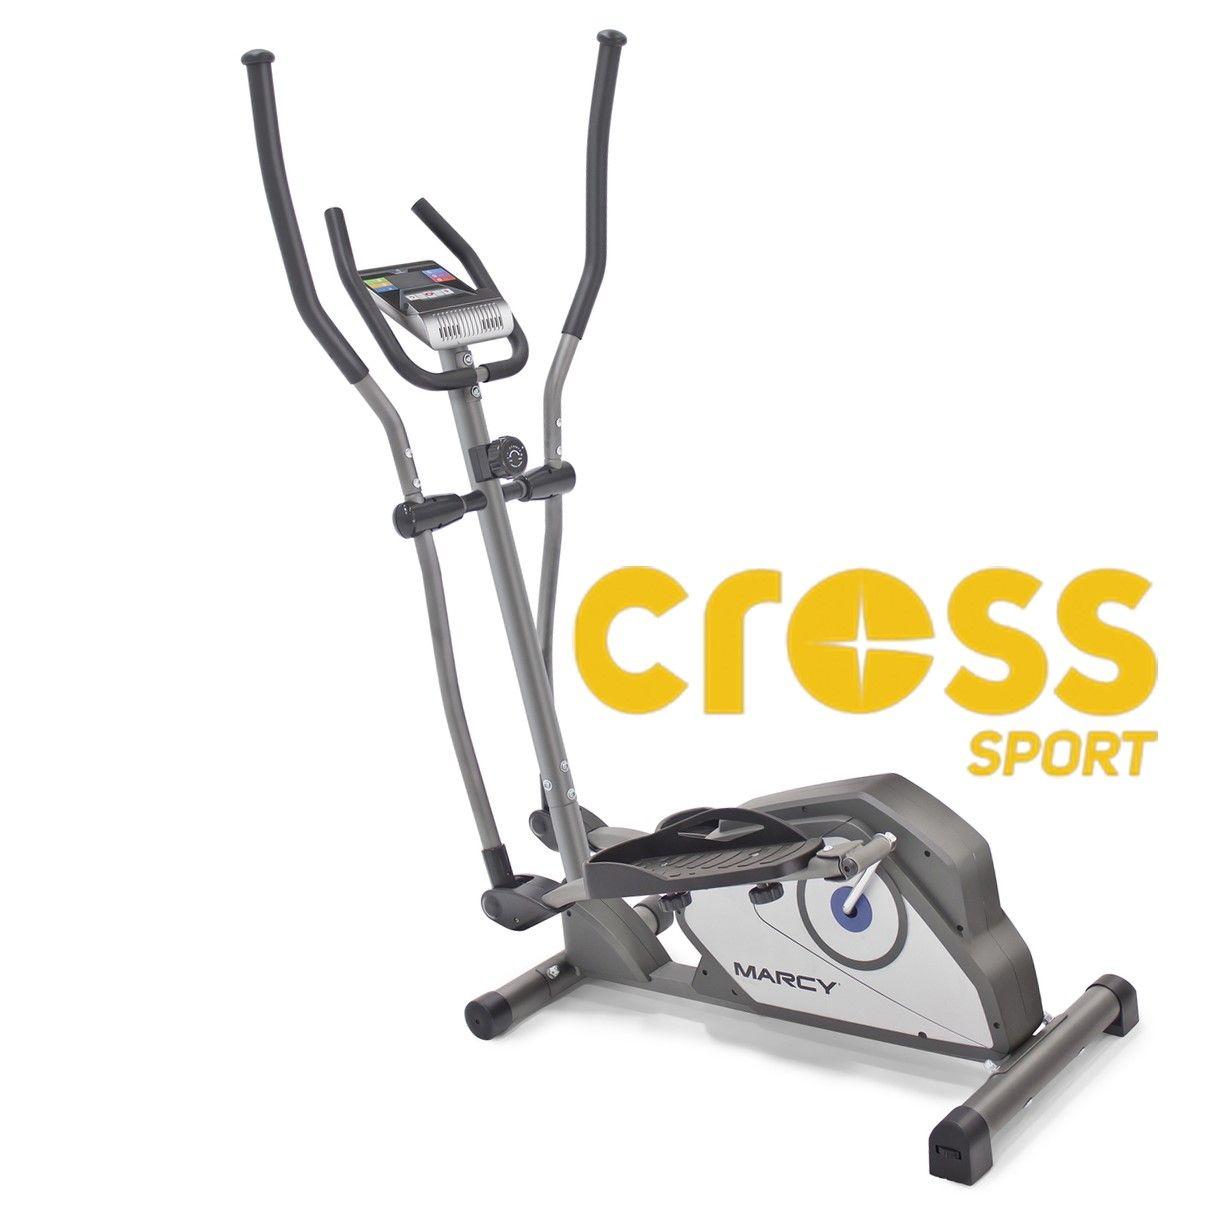 مزایای خرید دستگاه ورزشی الپتیکال از فروشگاه آنلاین کراس اسپرت